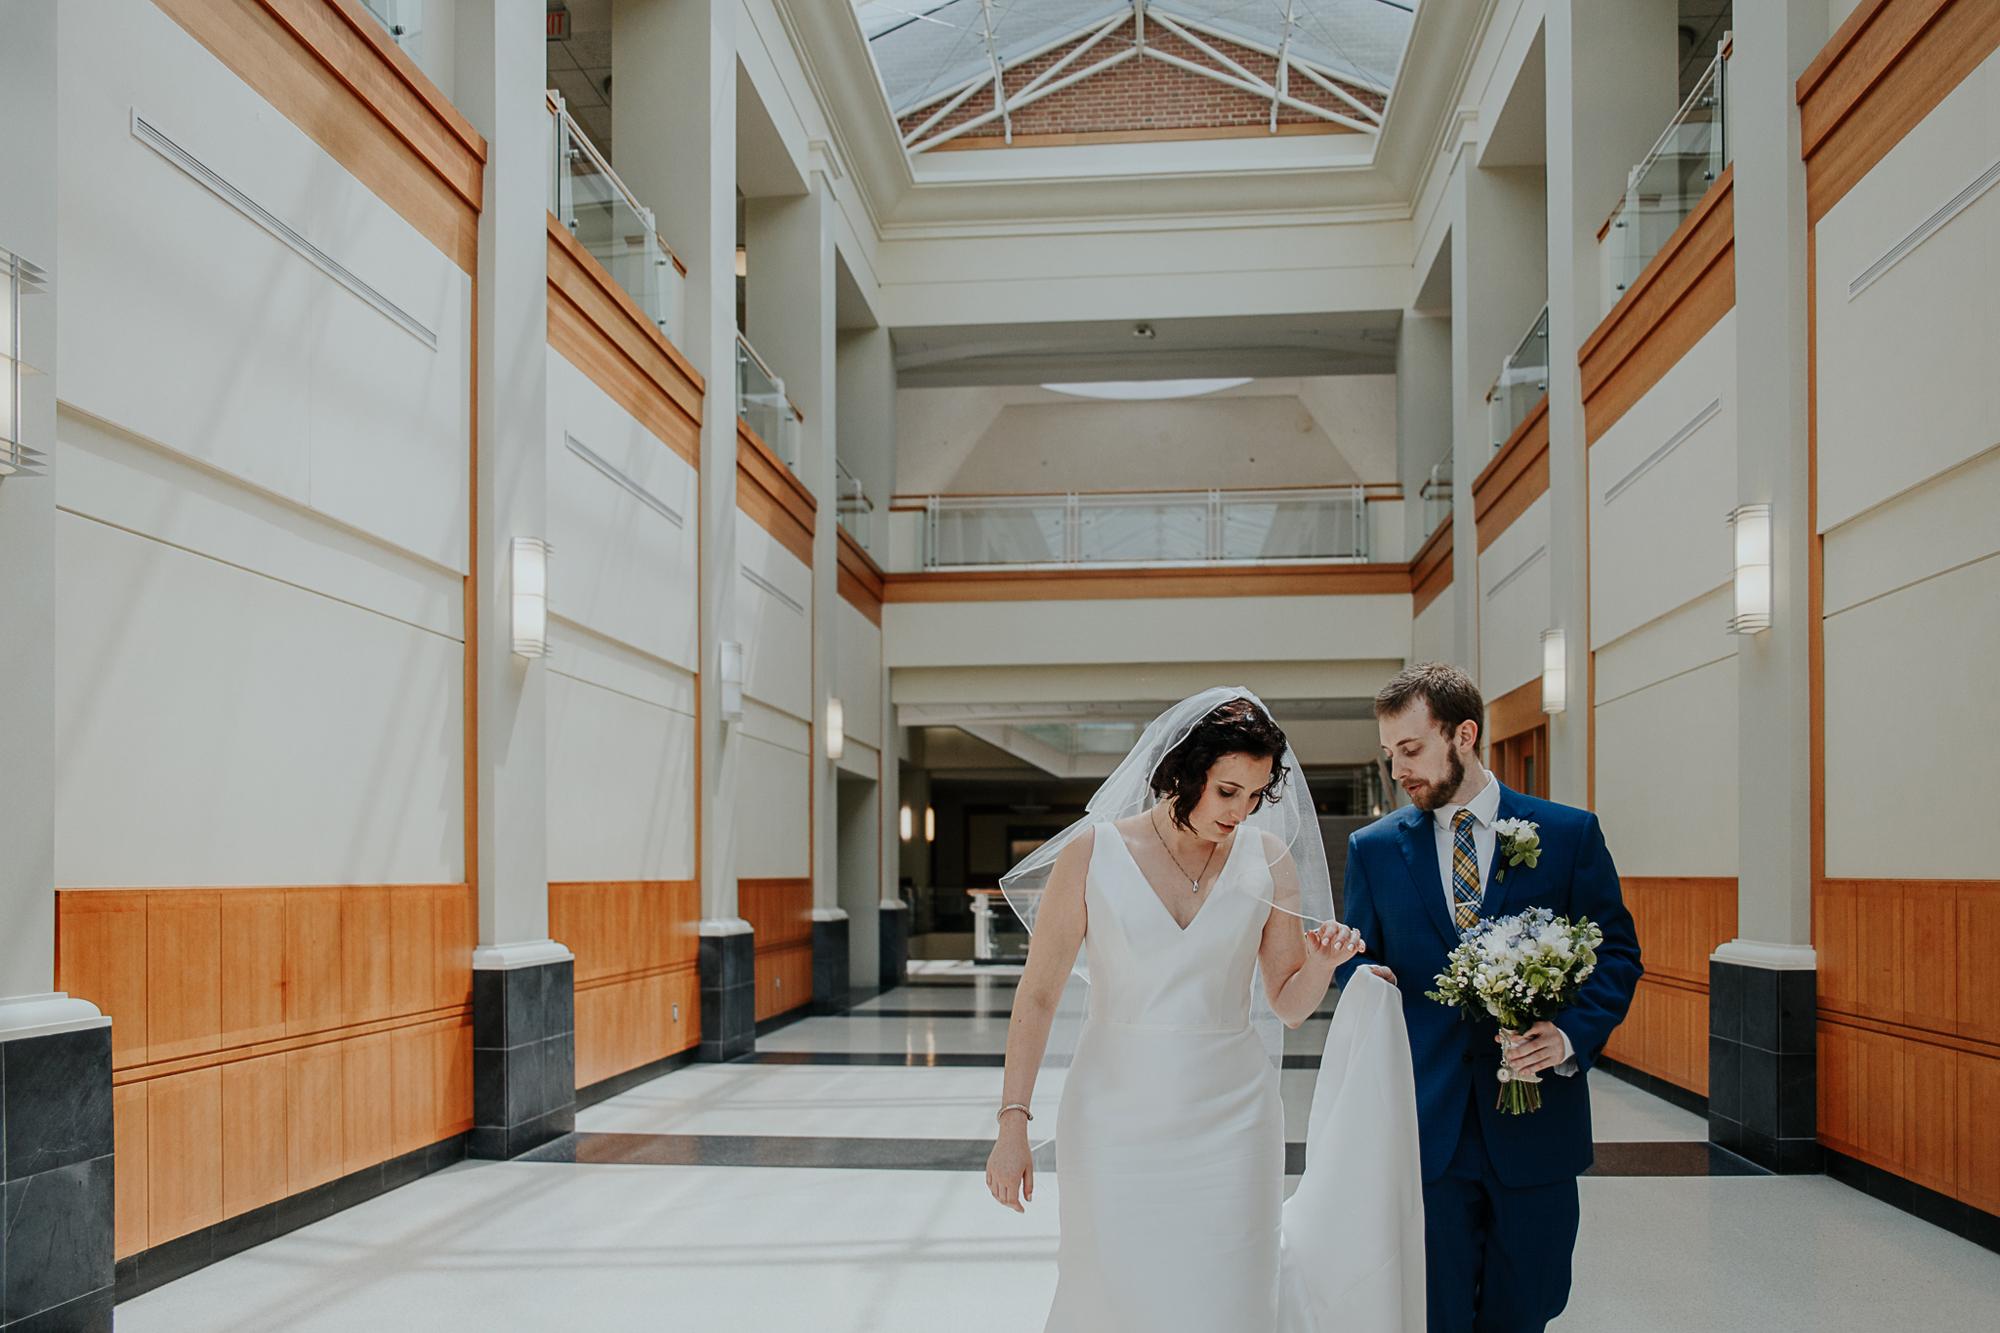 042-annapolis_courthouse_wedding.jpg